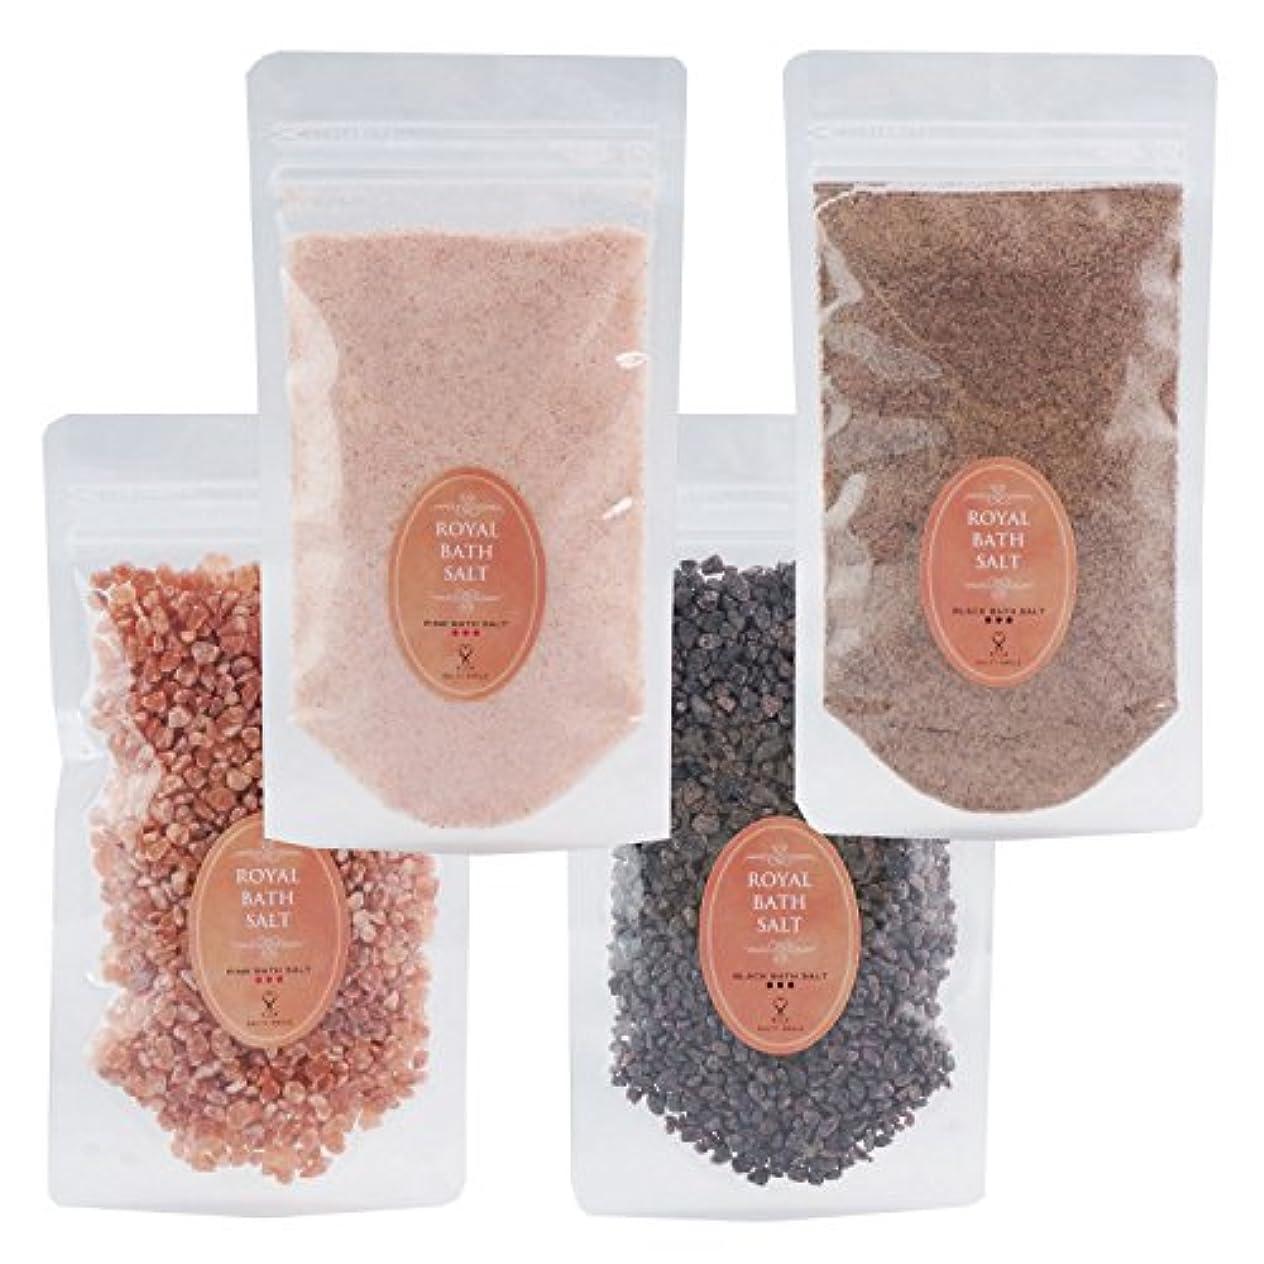 人気のドナウ川あなたのものロイヤル バスソルト ヒマラヤ岩塩 ピンク ブラック パウダー グレイン 各200g 細粒 粗粒 ROYAL BATH SALT